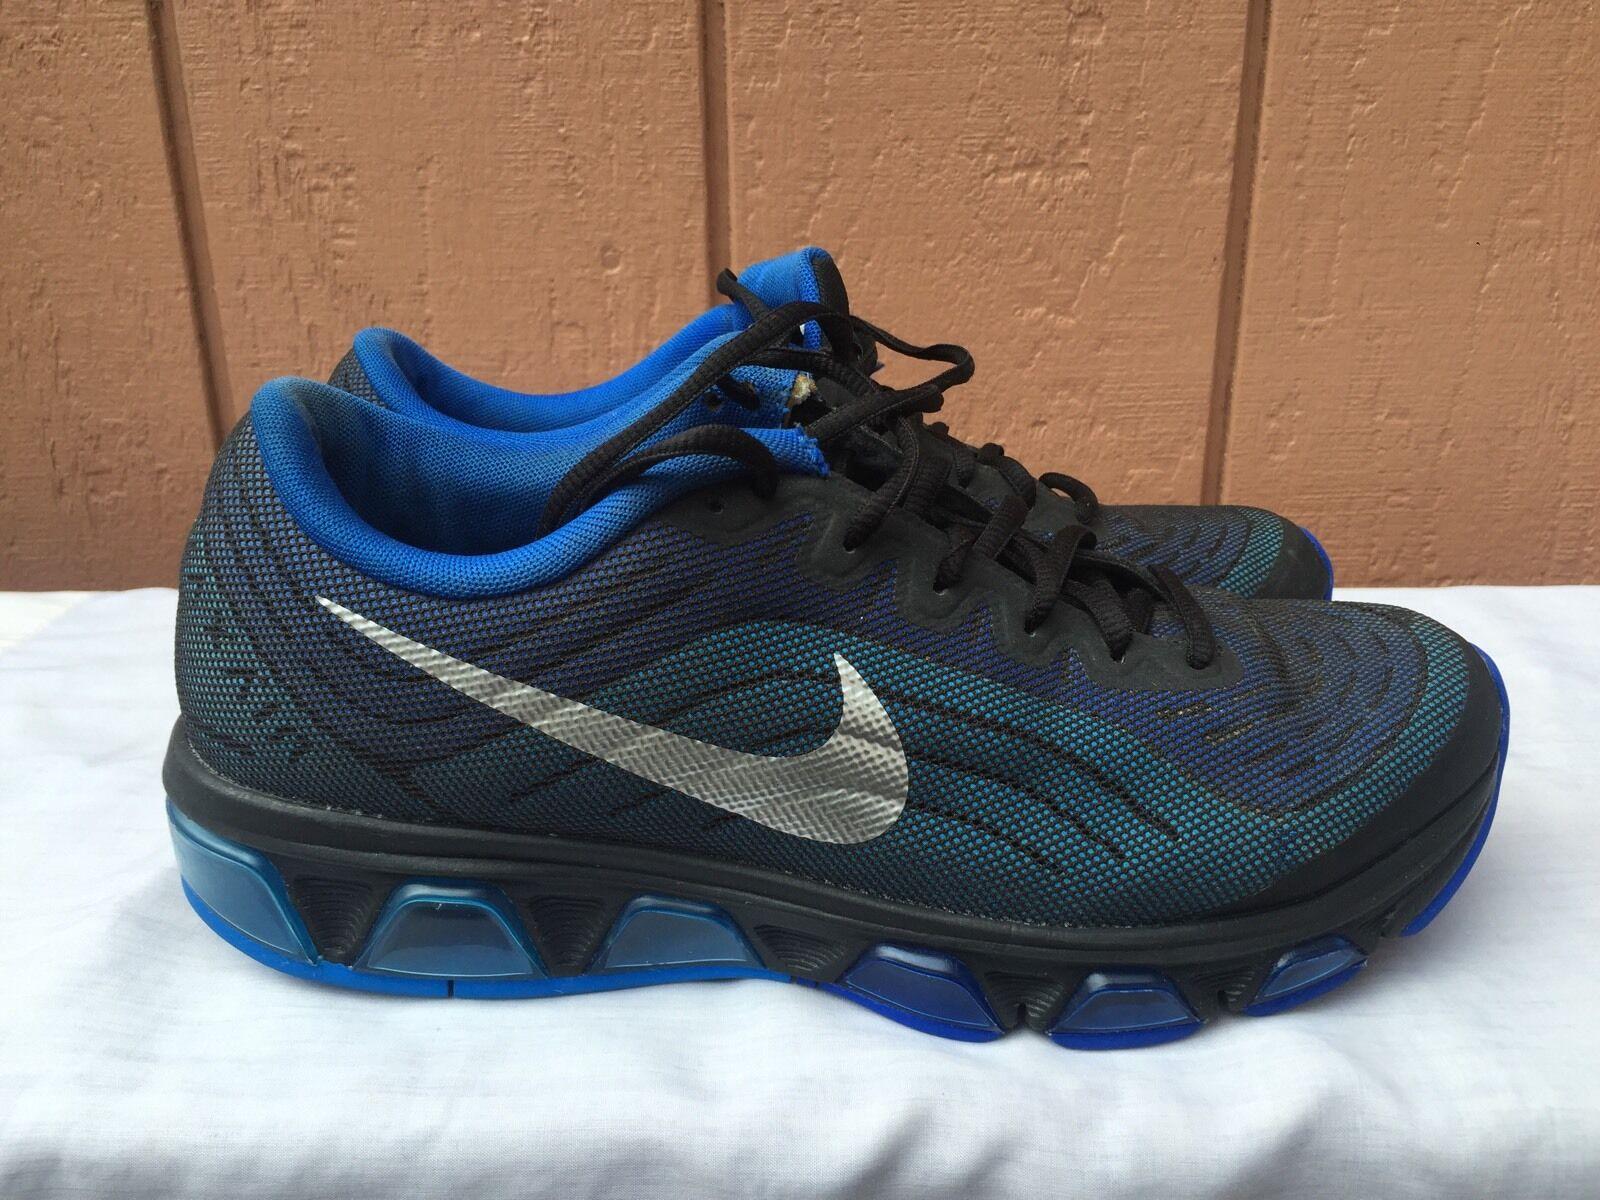 Excelente condición usada Nike Max Tailwind 6 Zapatillas Air Azul 621225 003 para Hombre US 8.5 EUR 42